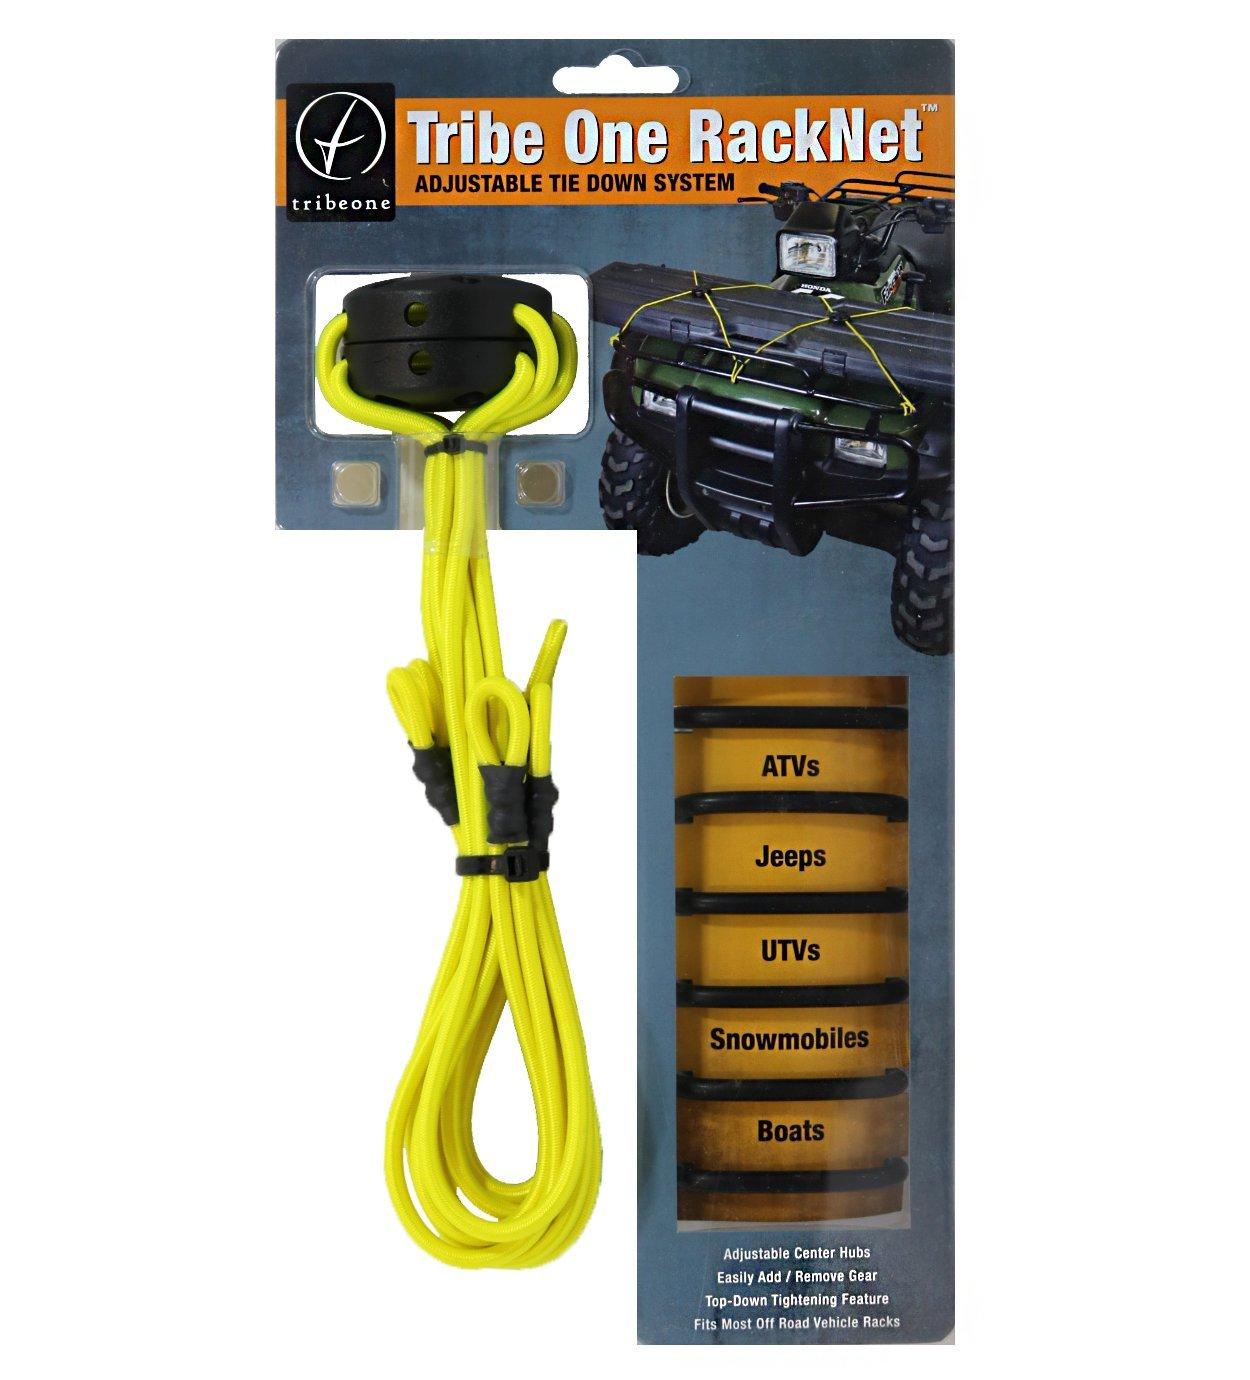 Racknet de Tribeone Outdoors, Accesorio para mochilas, deporte y aire libre, Acampada y senderismo, bolsas, coches, caza, outdoor, motos, nautica, acampada, senderismo y actividades al aire libre